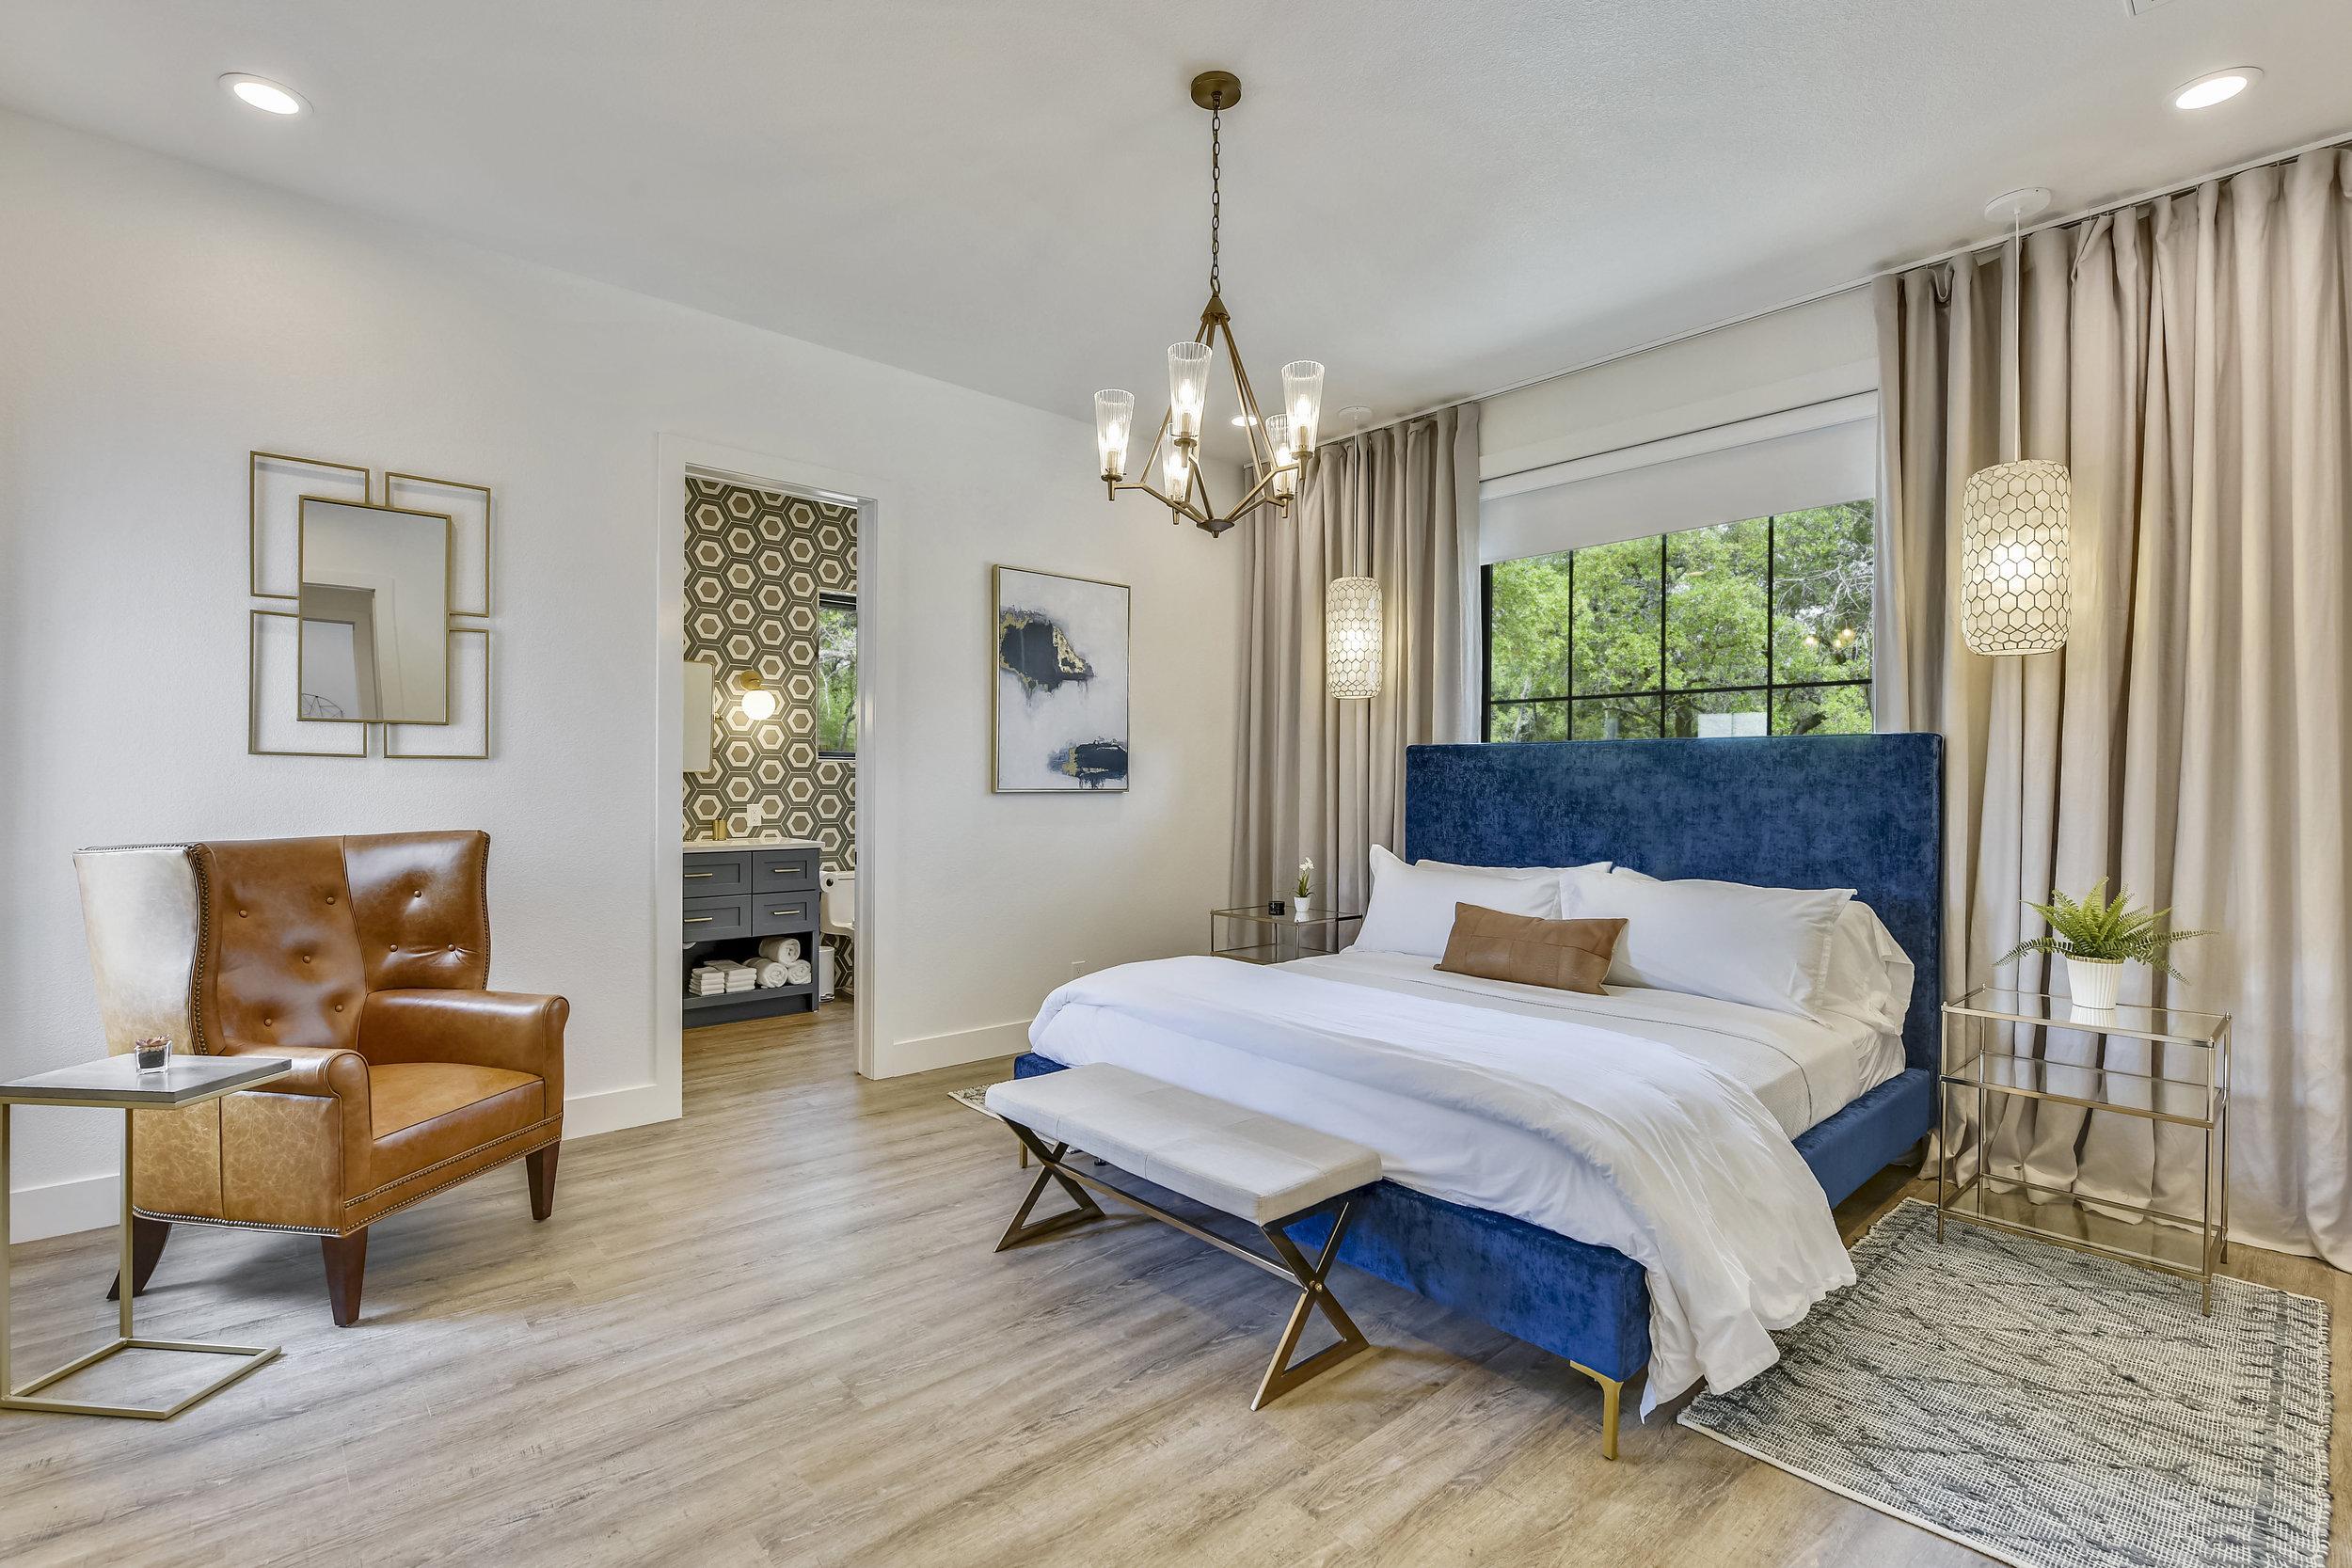 Lower Level-Bedroom-_DSC2859.JPG